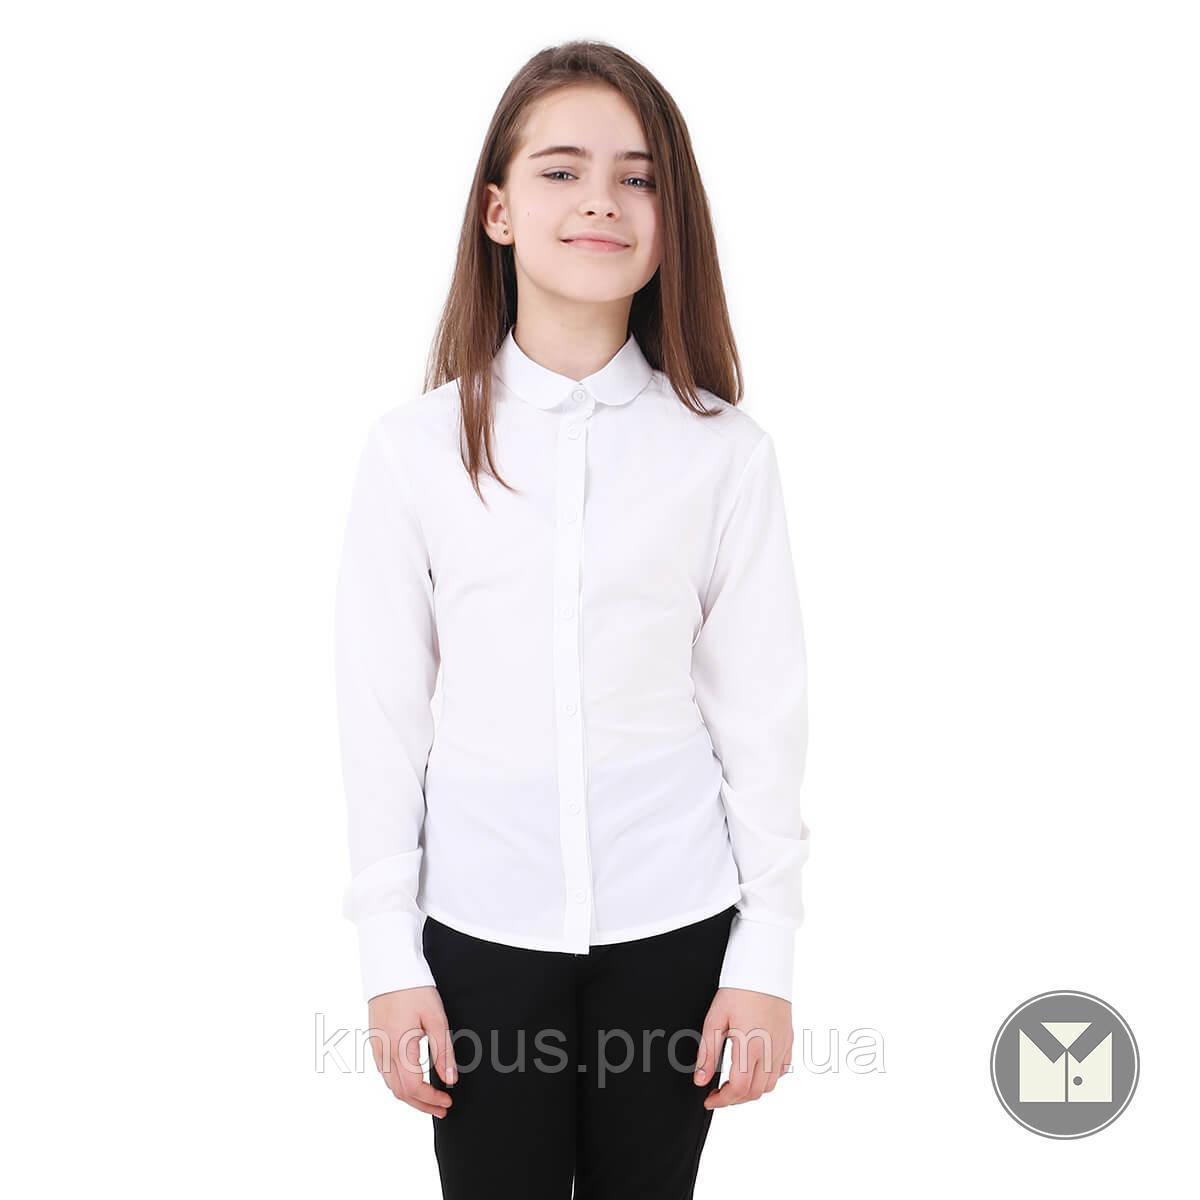 Блуза  белая с длинным рукавом Adelina, Тимбо